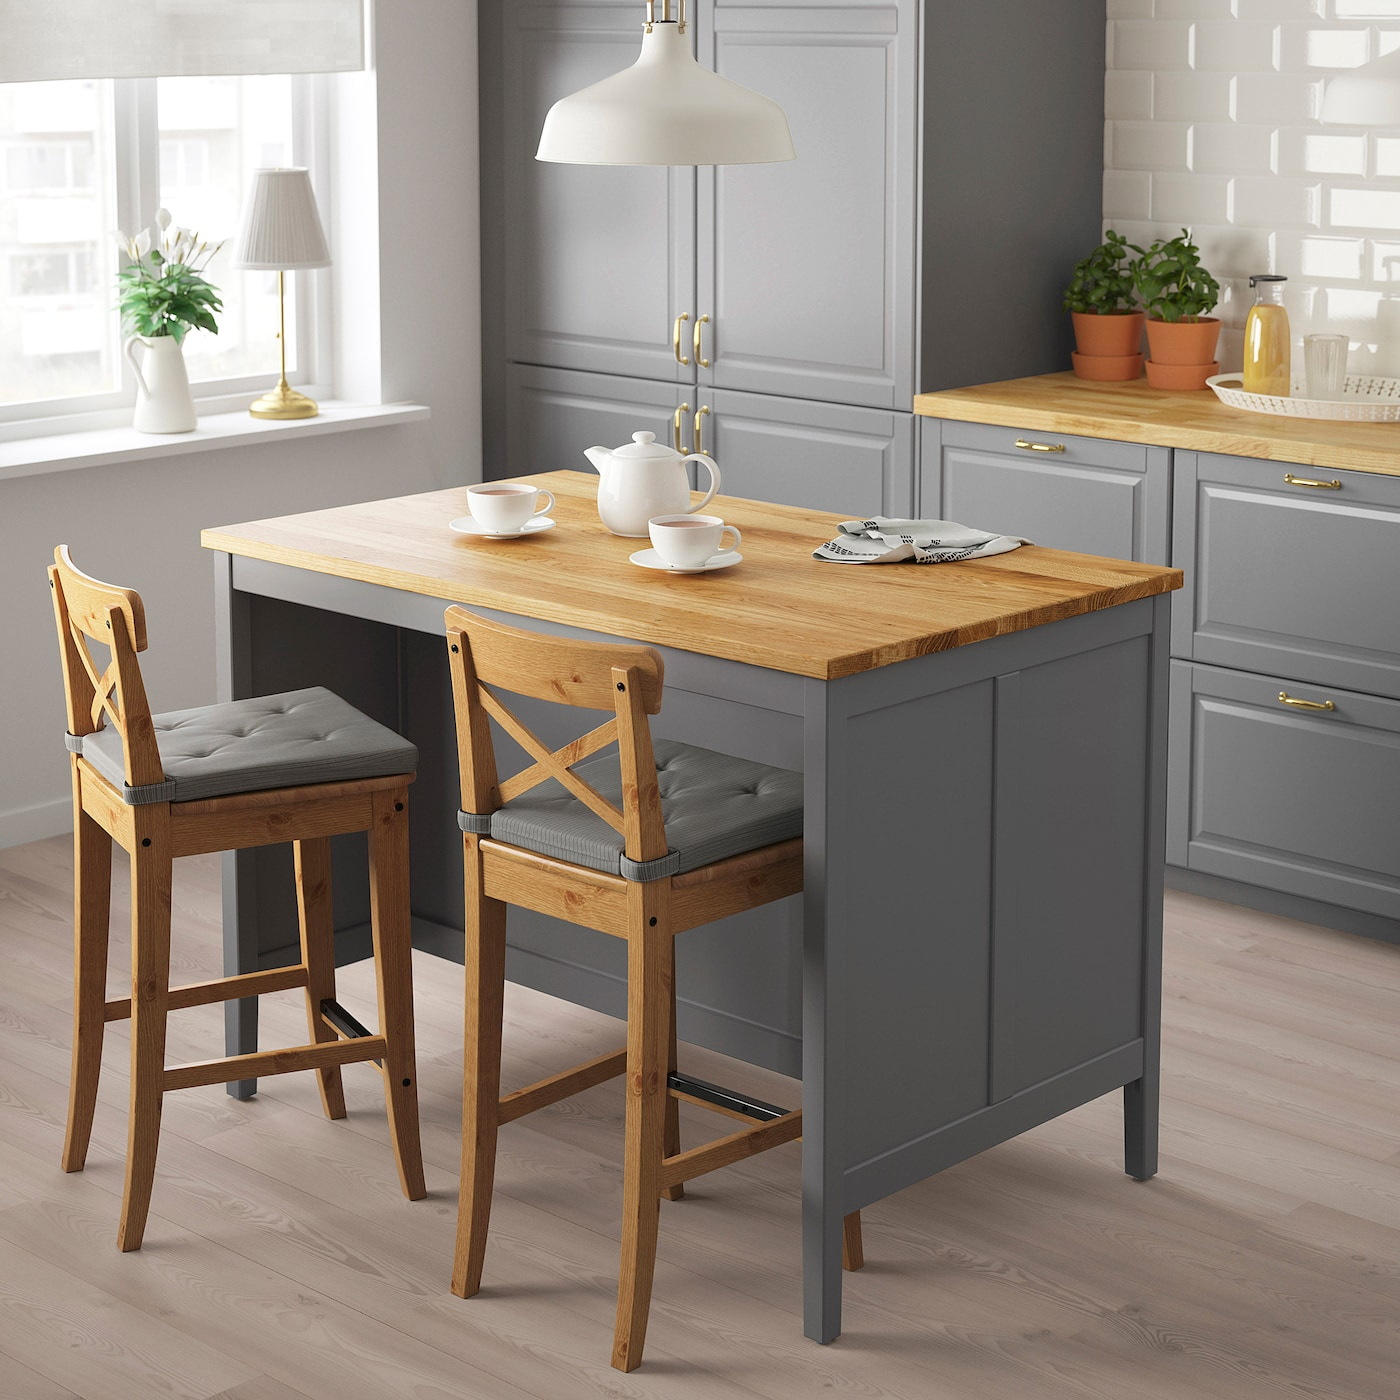 Ilot De Travail Cuisine tornviken Îlot pour cuisine - gris, chêne 126x77 cm